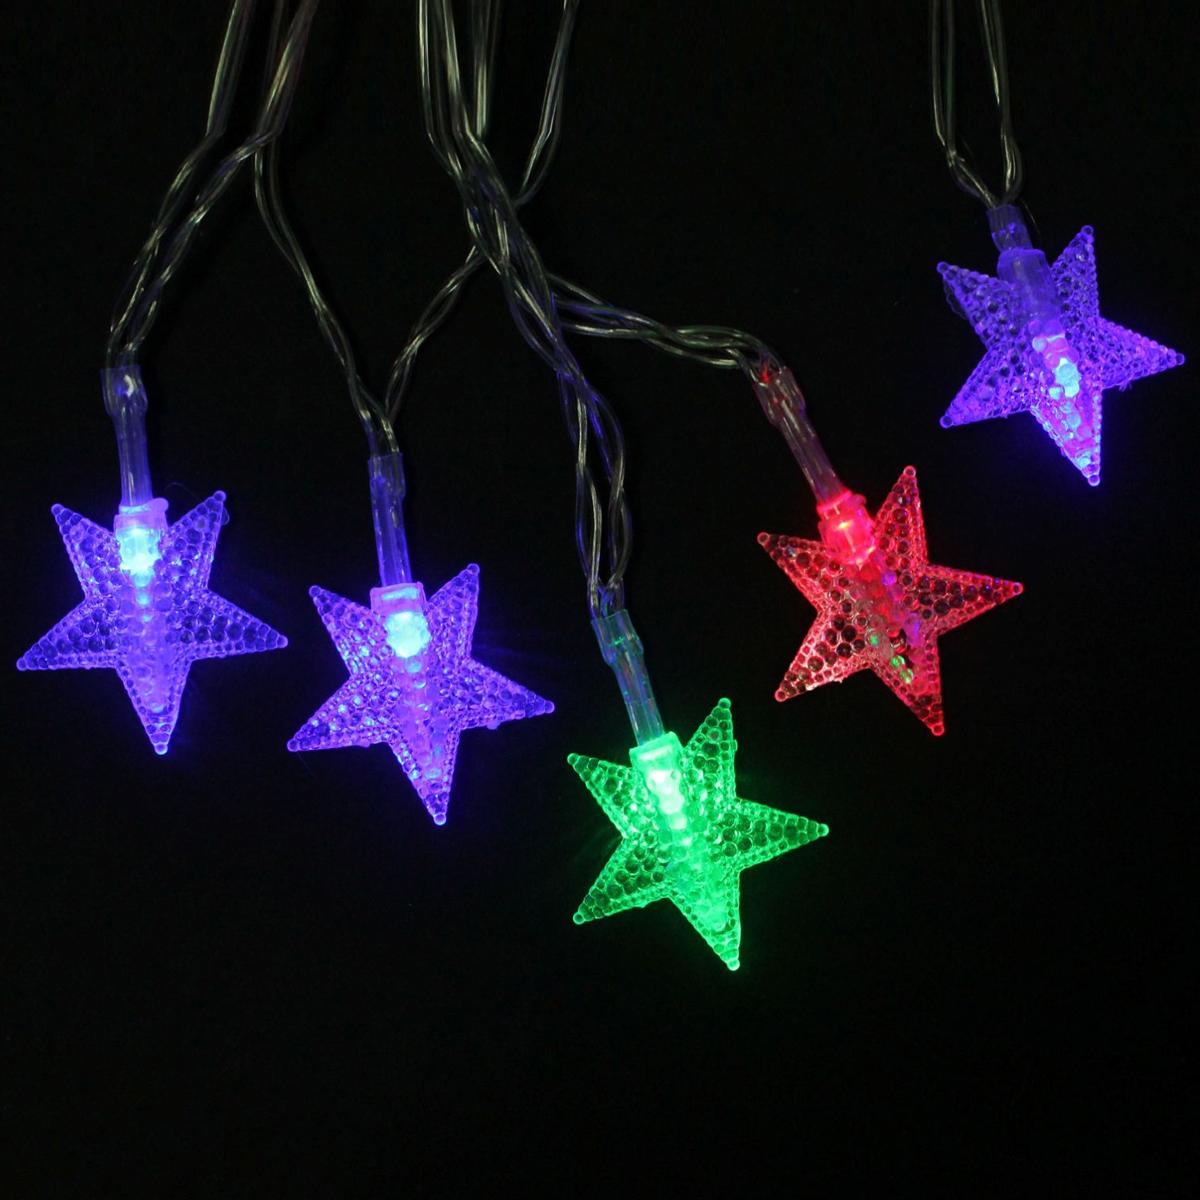 Гирлянда светодиодная Luazon Метраж. Звезды, 20 ламп, 3,6 V, длина 3 м806825Светодиодные гирлянды и ленты — это отличный вариант для новогоднего оформления интерьера или фасада. С их помощью помещение любого размера можно превратить в праздничный зал, а внешние элементы зданий, украшенные ими, мгновенно станут напоминать очертания сказочного дворца. Такие украшения создают ауру предвкушения чуда. Деревья, фасады, витрины, окна и арки будто специально созданы, чтобы вы украсили их светящимися нитями.